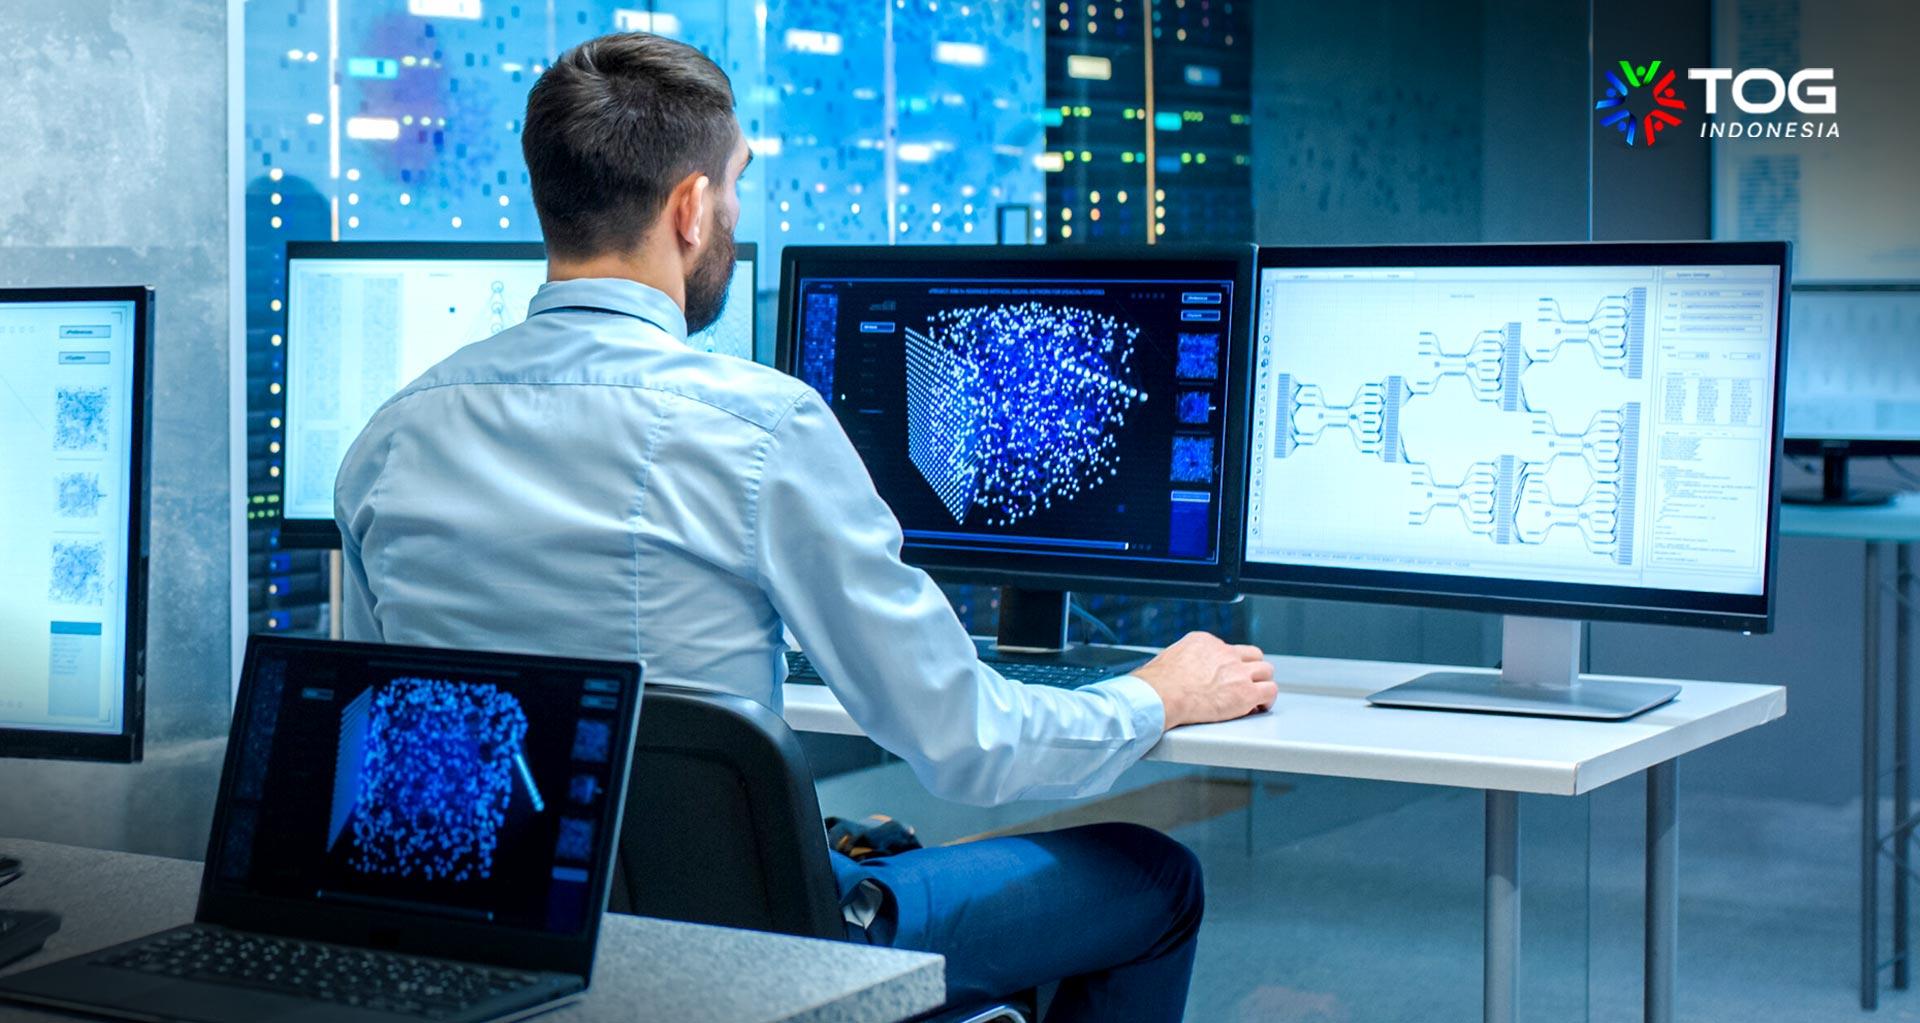 Mengenal Profesi Data Architect Secara Lengkap